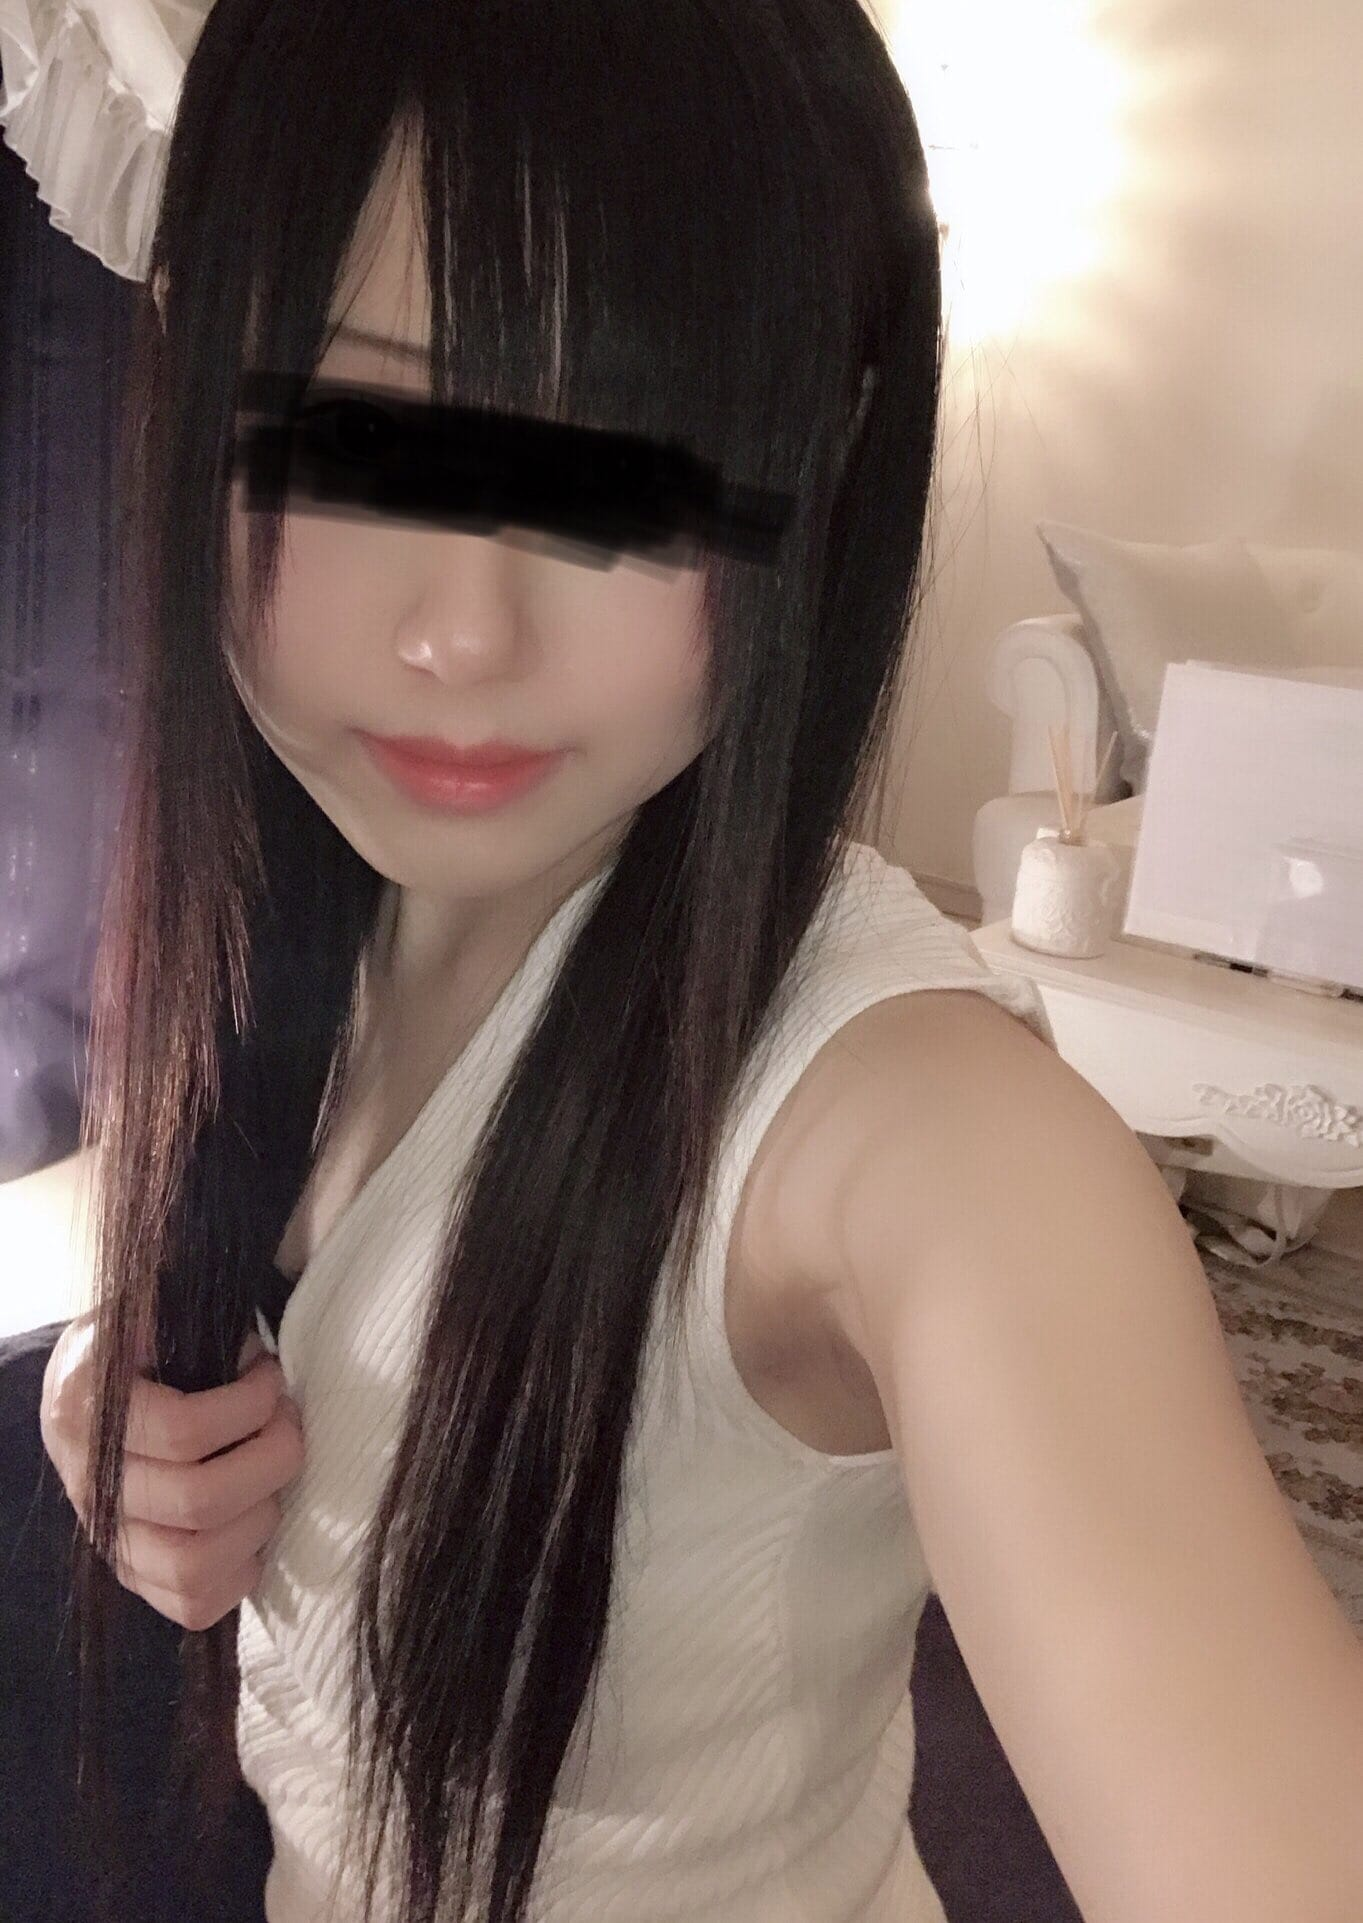 「おはようございます!(^^)!」04/27(火) 12:34 | りりの写メ日記